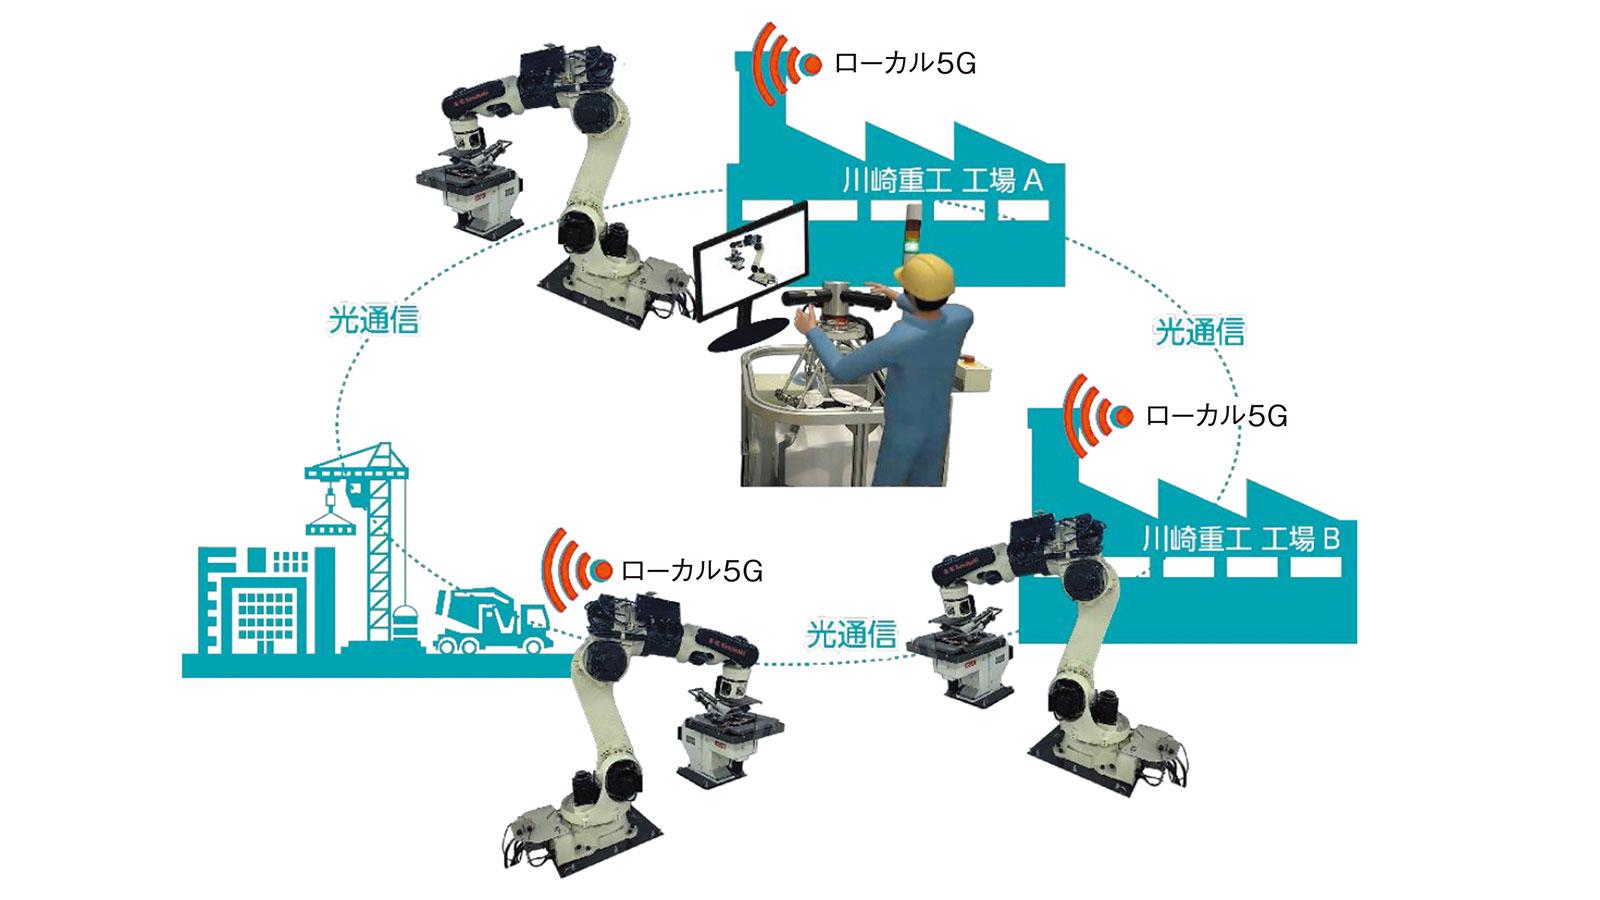 川崎重工で工場ローカル5Gの実証実験へ、高精細画像の無線伝送など実施